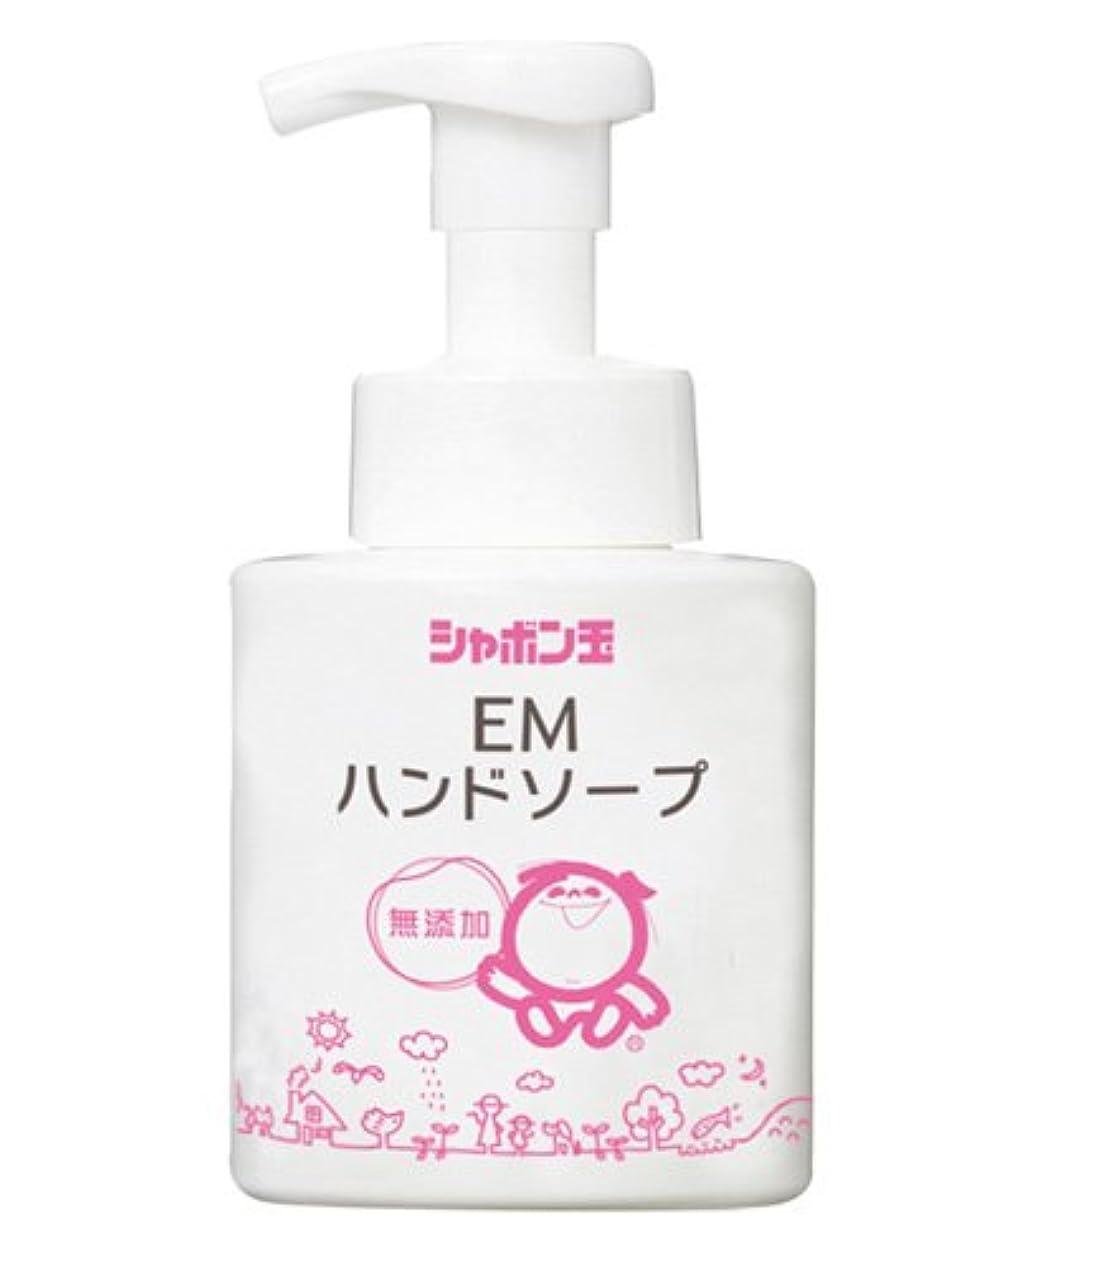 パイプ流暢作り上げるシャボン玉EM石鹸ハンドソープ300ml